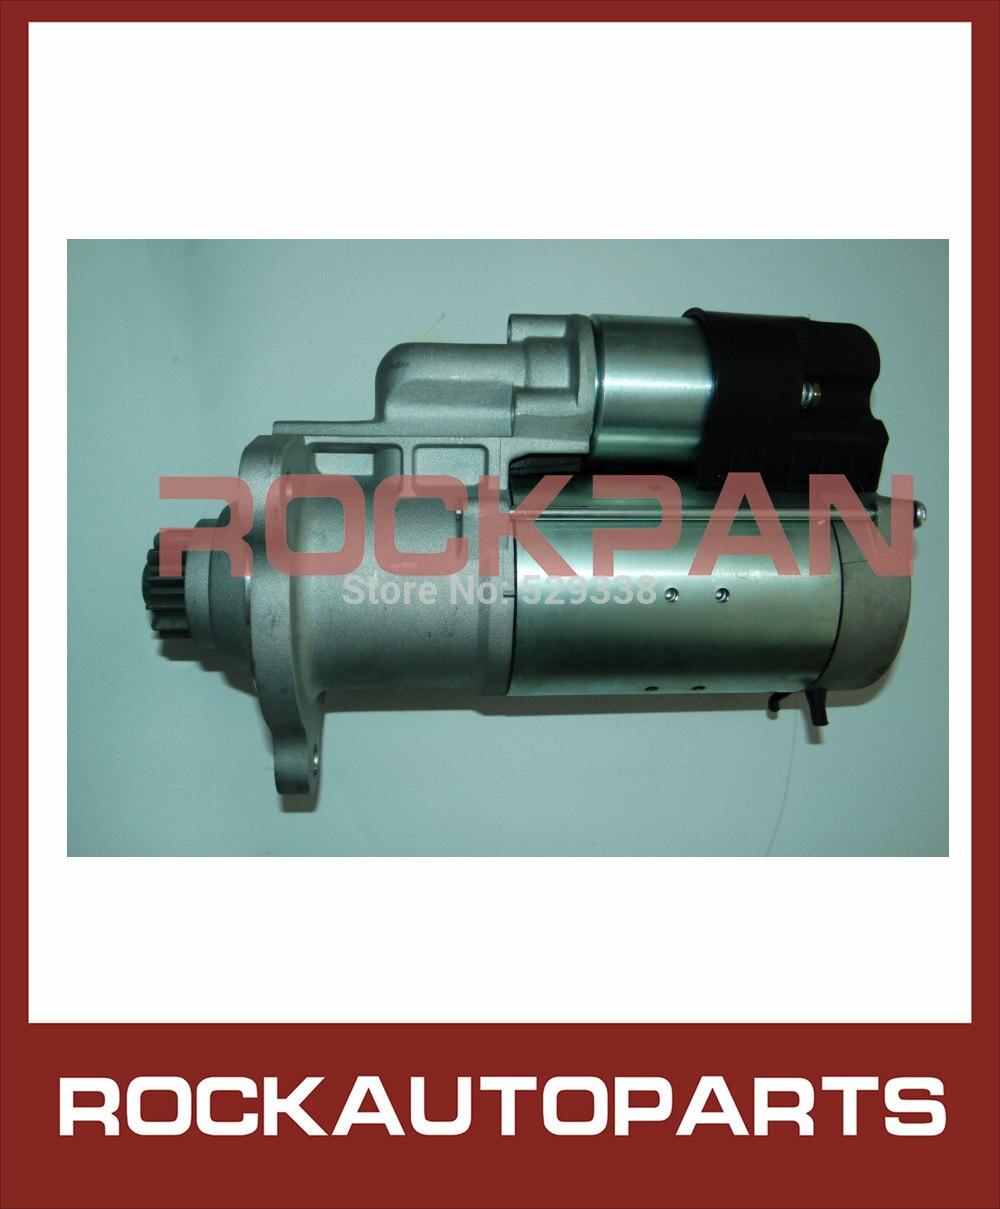 NEW 24V 12T STARTER MOTOR M9T61171 M009T61171 20430564 85000087 FOR ...